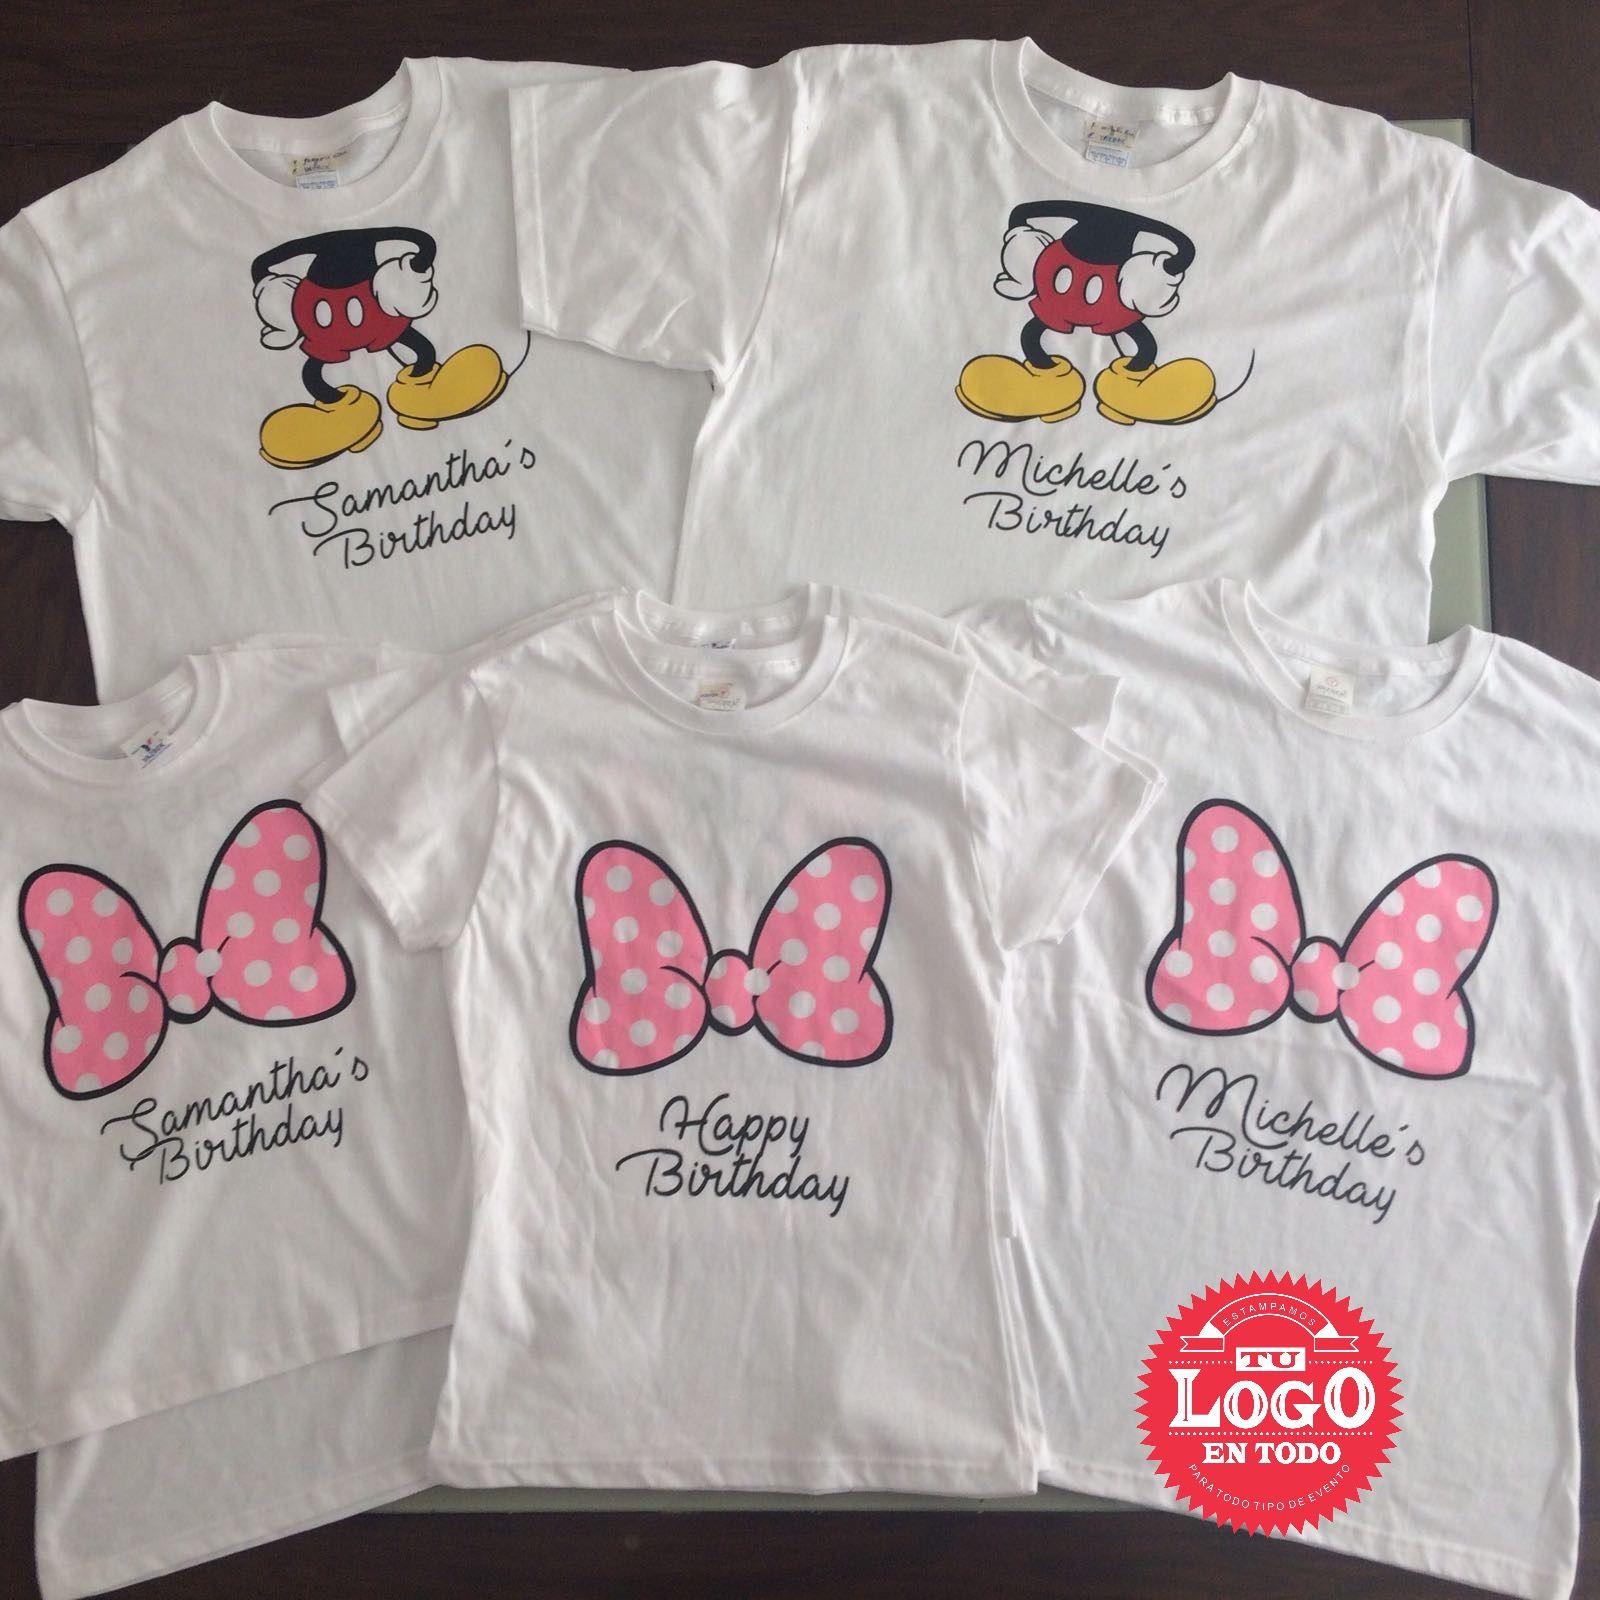 c08bc3d30 Pin de karol mischell sanchez en playeras en pinterest jpg 1600x1600 Camisetas  personalizadas para fiestas